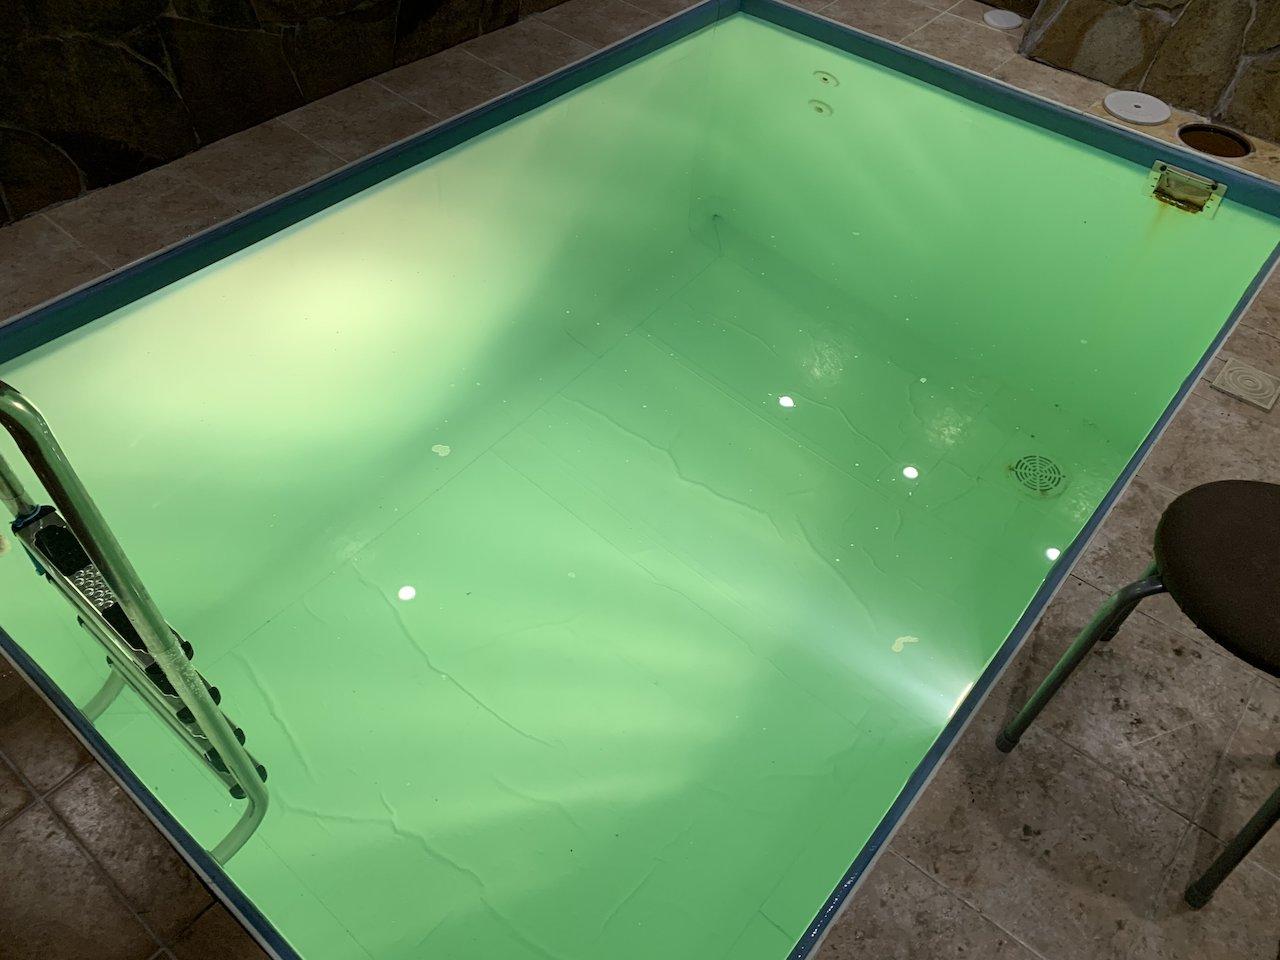 бассейн с подсветкой воды